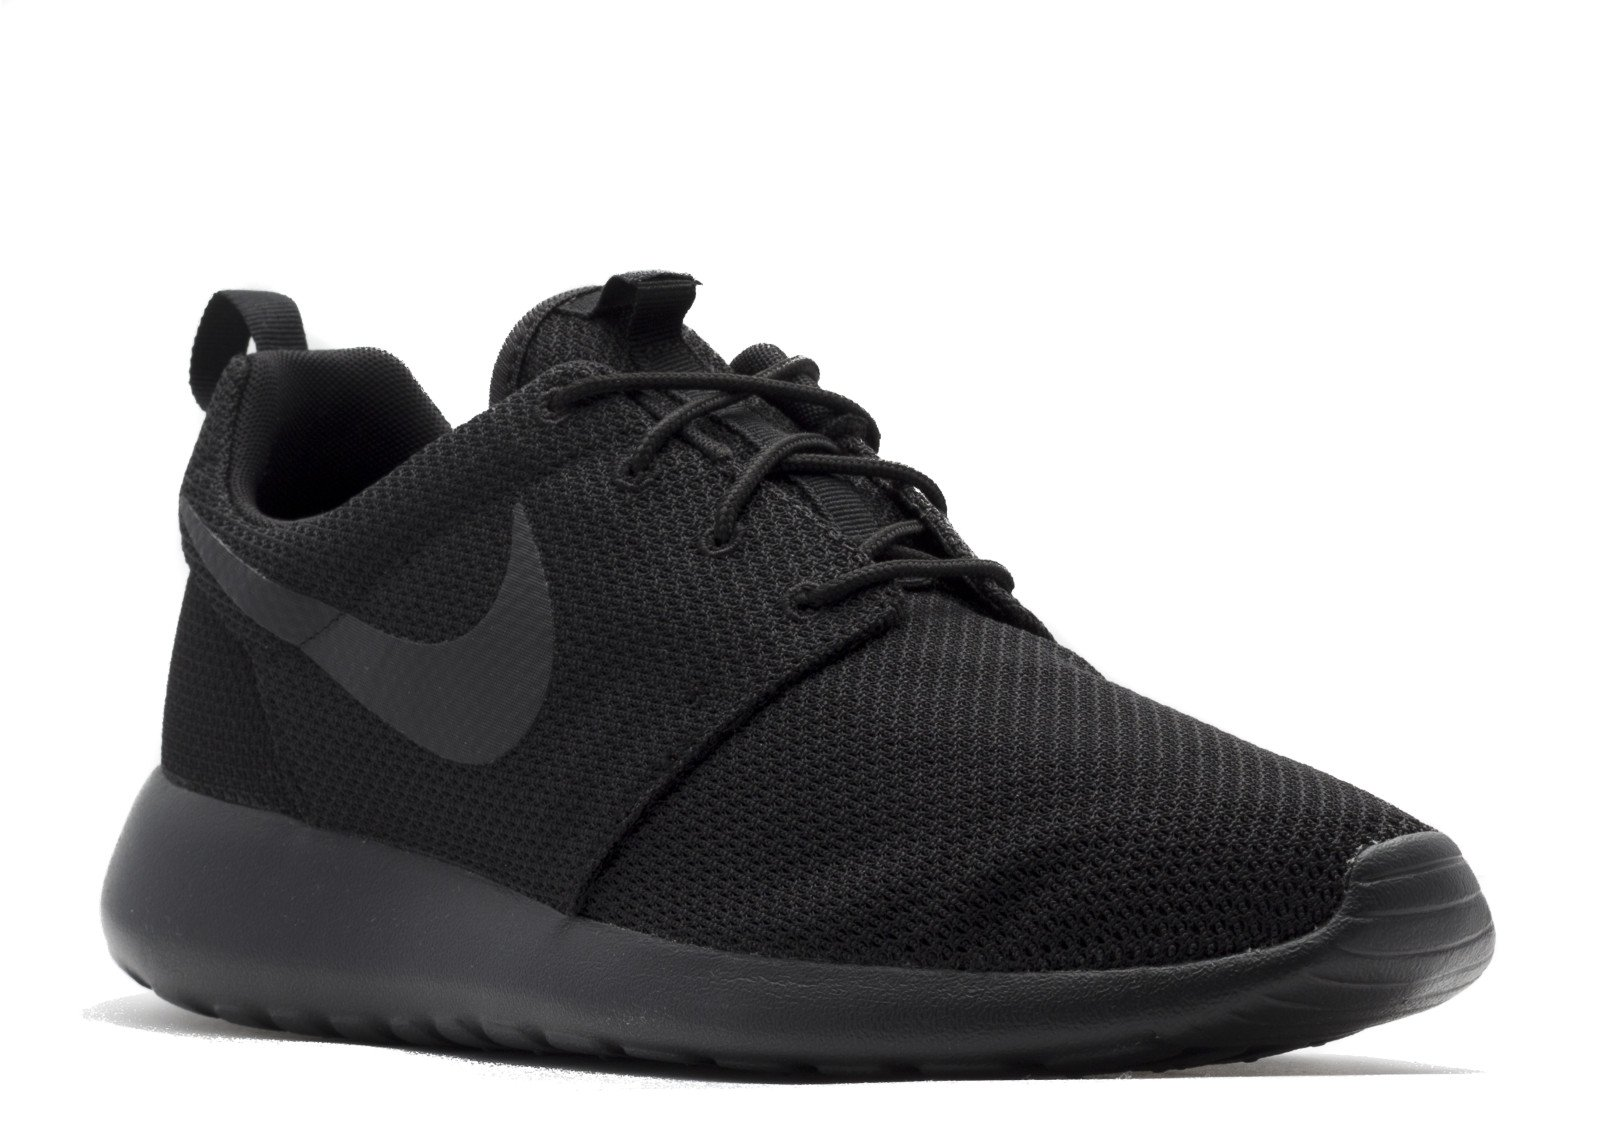 87bf187572e Galleon - Nike Roshe One Men s Running Shoes Black Black 511881-026 (10  D(M) US)